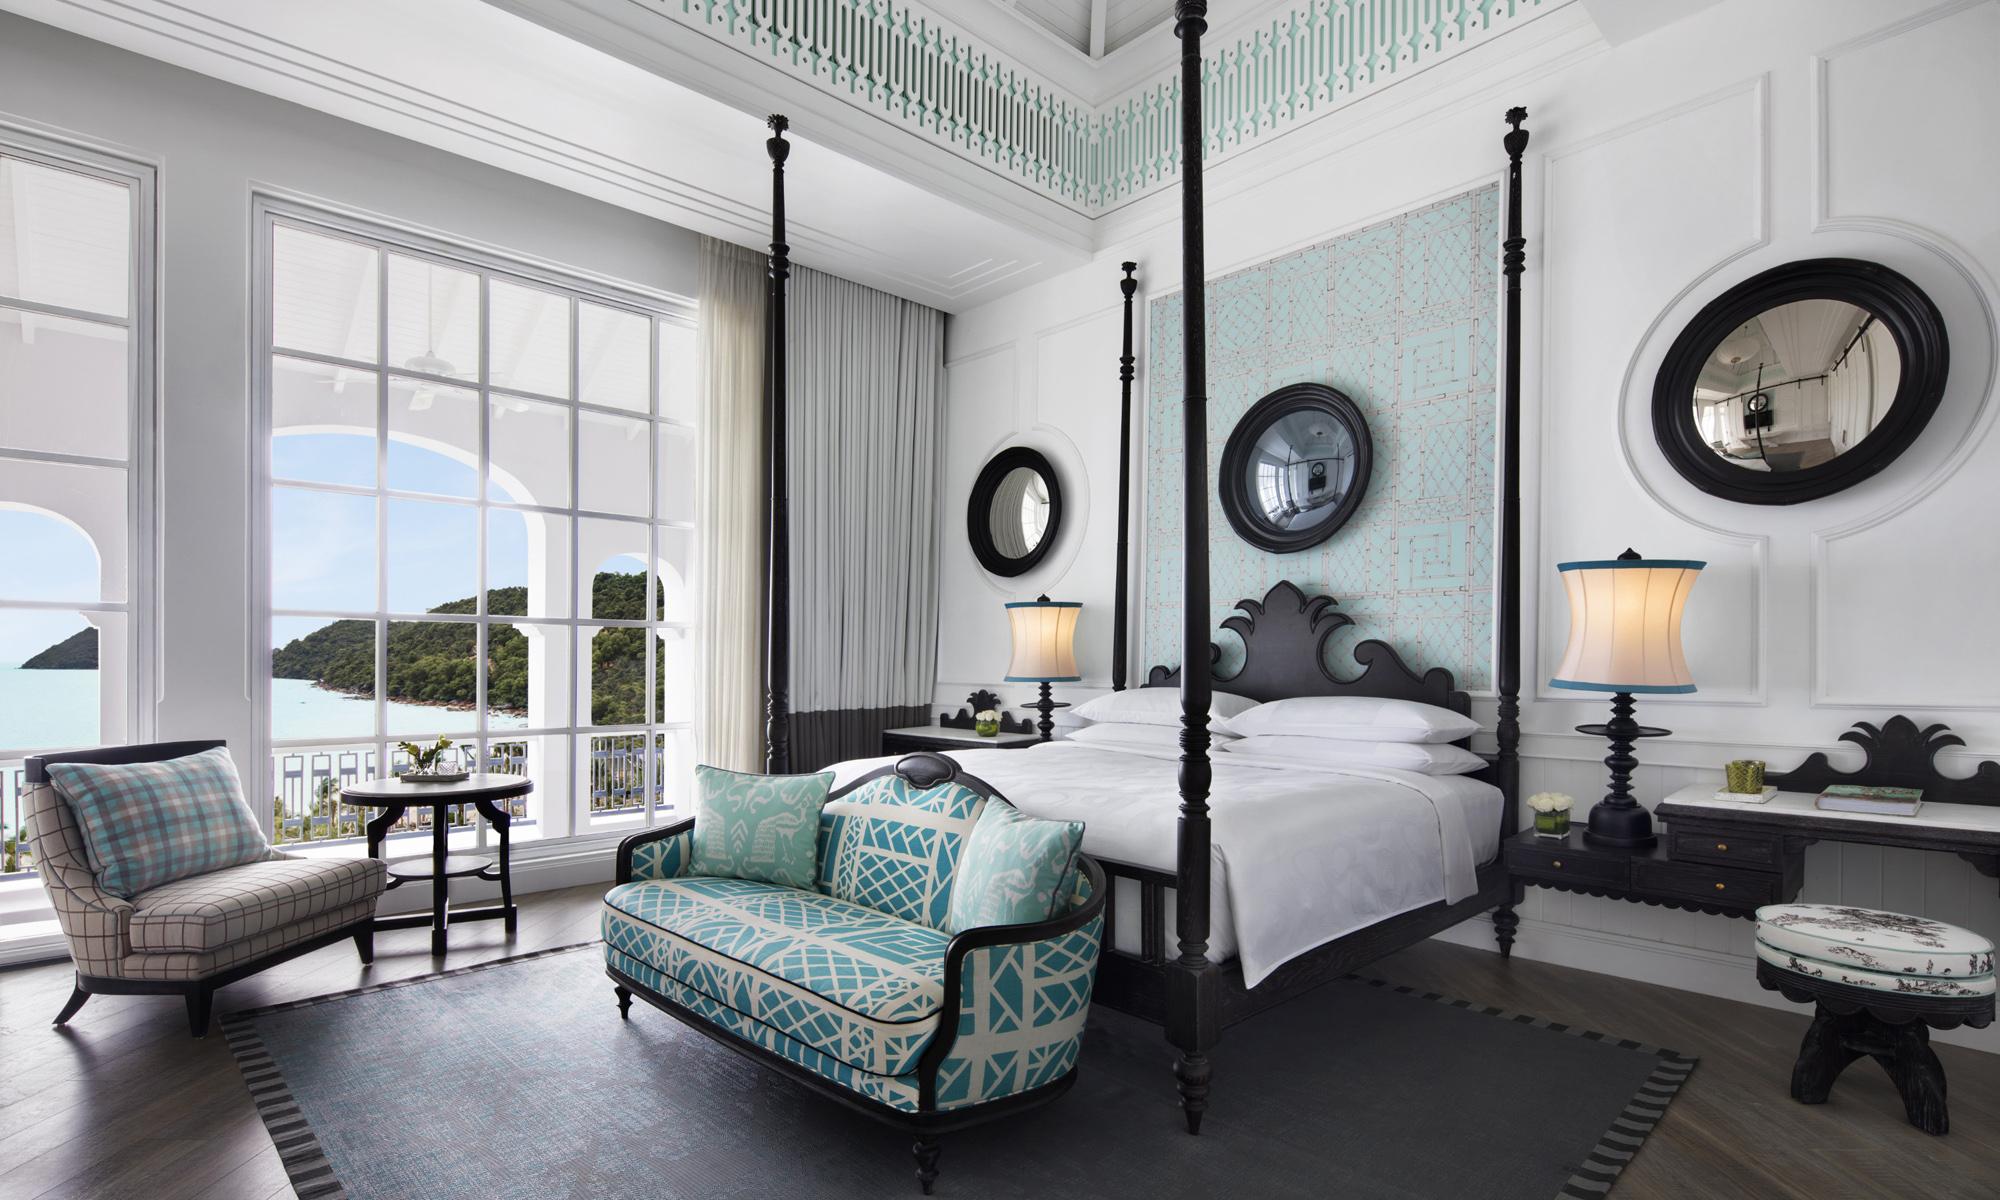 JW Marriott Phu Quoc_Turquois Suites.jpg (original size)